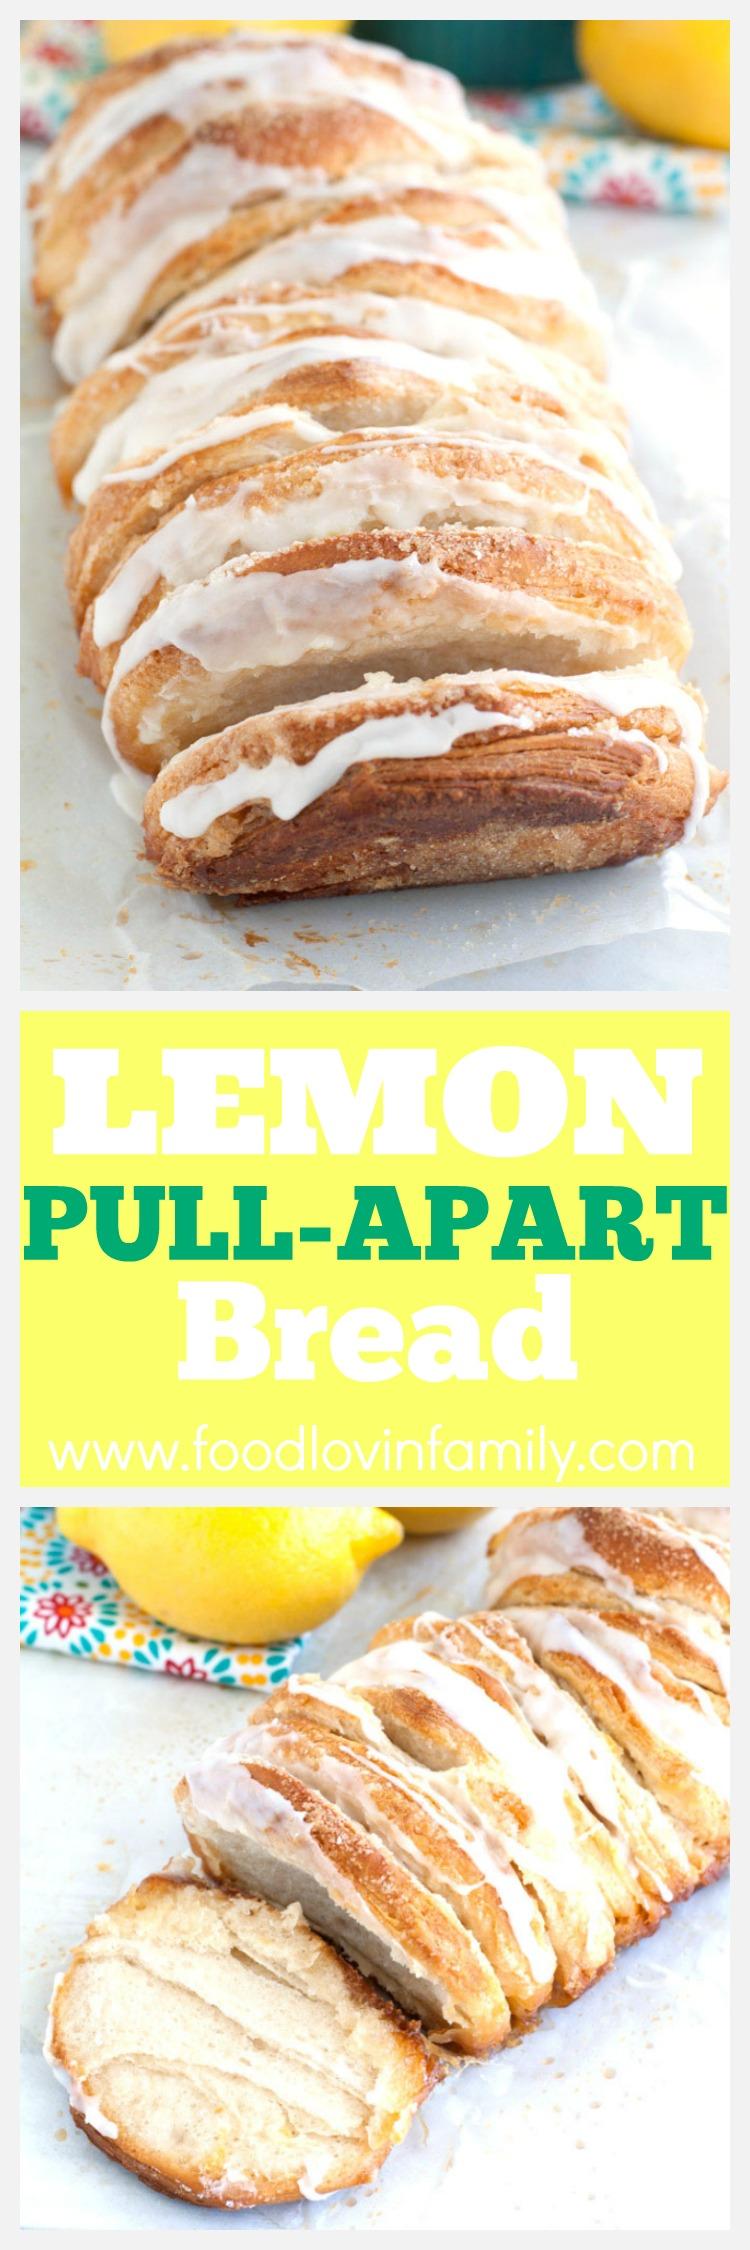 easy lemon pull-apart bread PIN